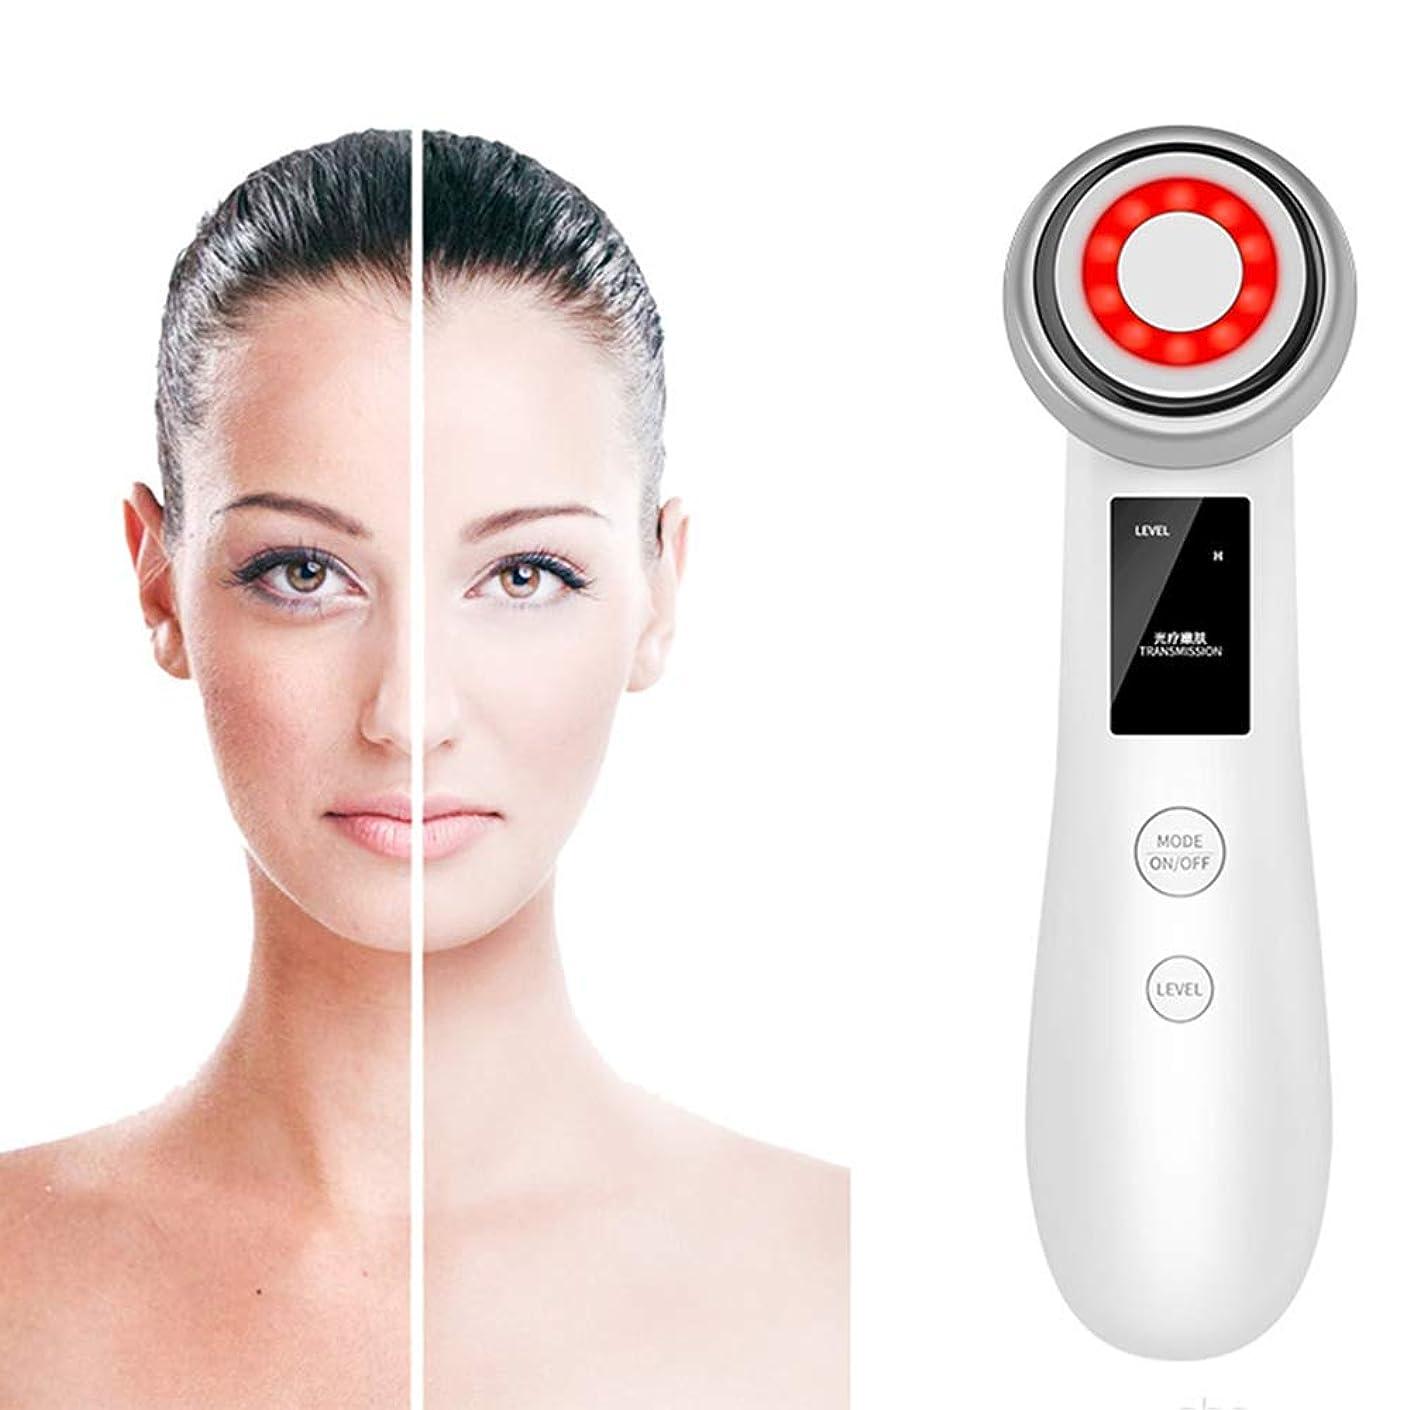 欲求不満ゲーム思春期皮膚は顔のリフティング用LEDレッドライト、スキンファーミング、皮膚の調色、ディープクレンジング、注入、マッサージでリラックスして美容機器を締め